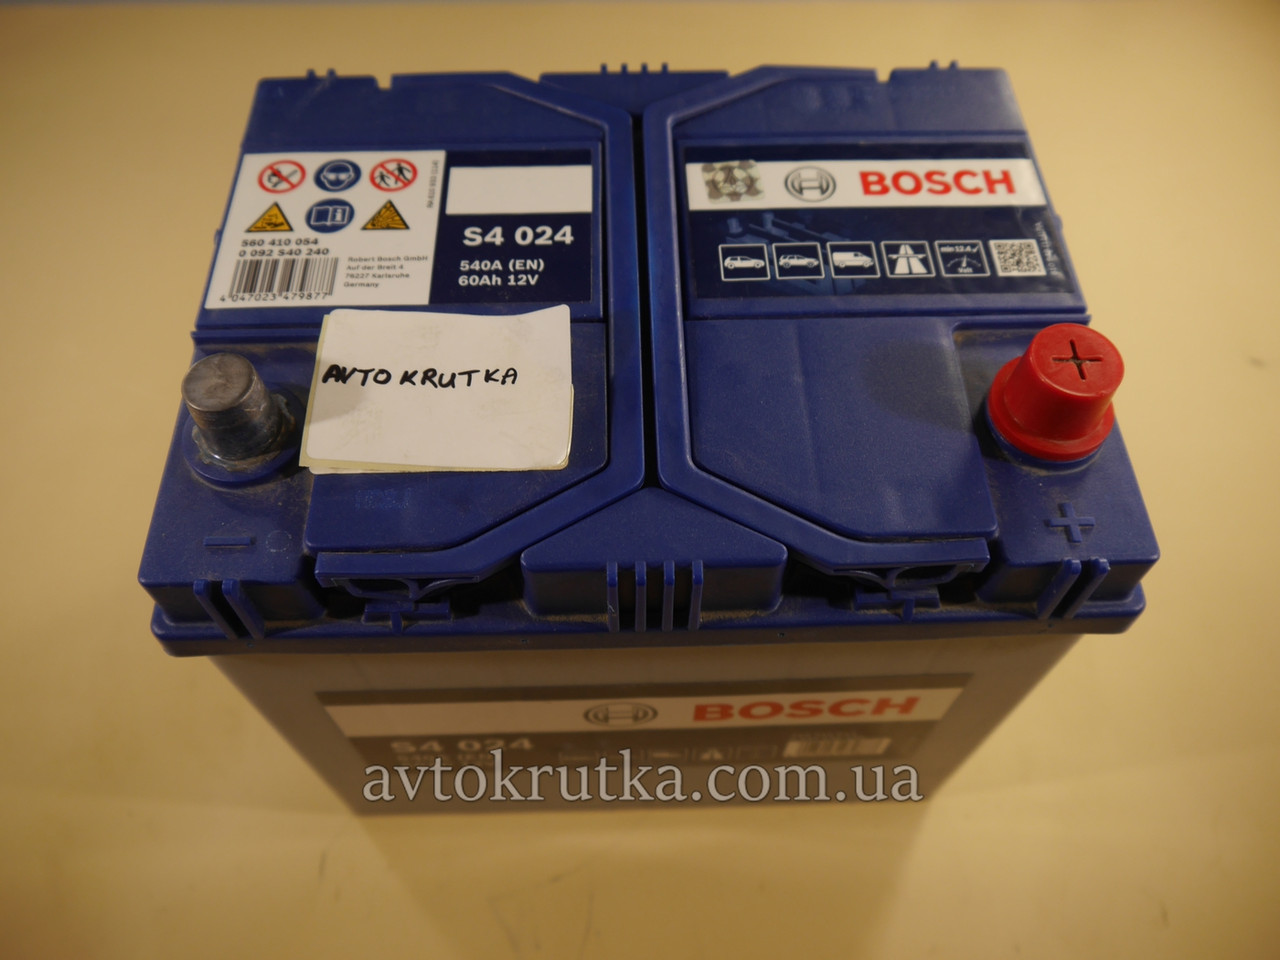 Аккумулятор Bosch S4 024 Silver 60Ah 12V